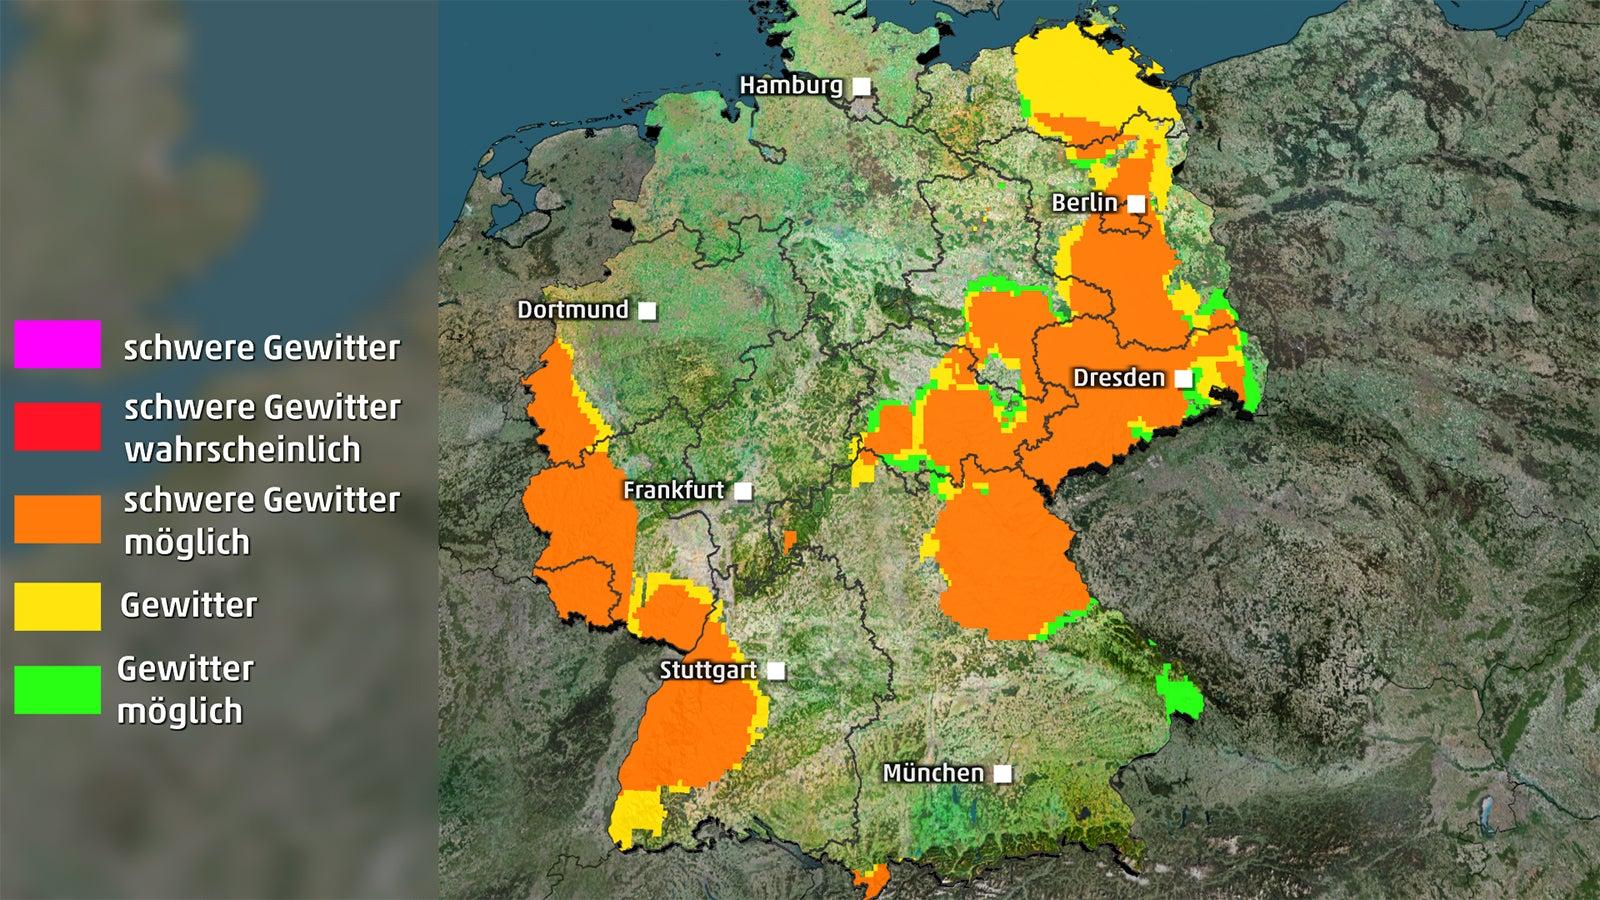 Sturmböen, Hagel und sintflutartiger Regen! Unwetter kündigen sich an | The Weather Channel - Artikel von The Weather Channel | weather.com